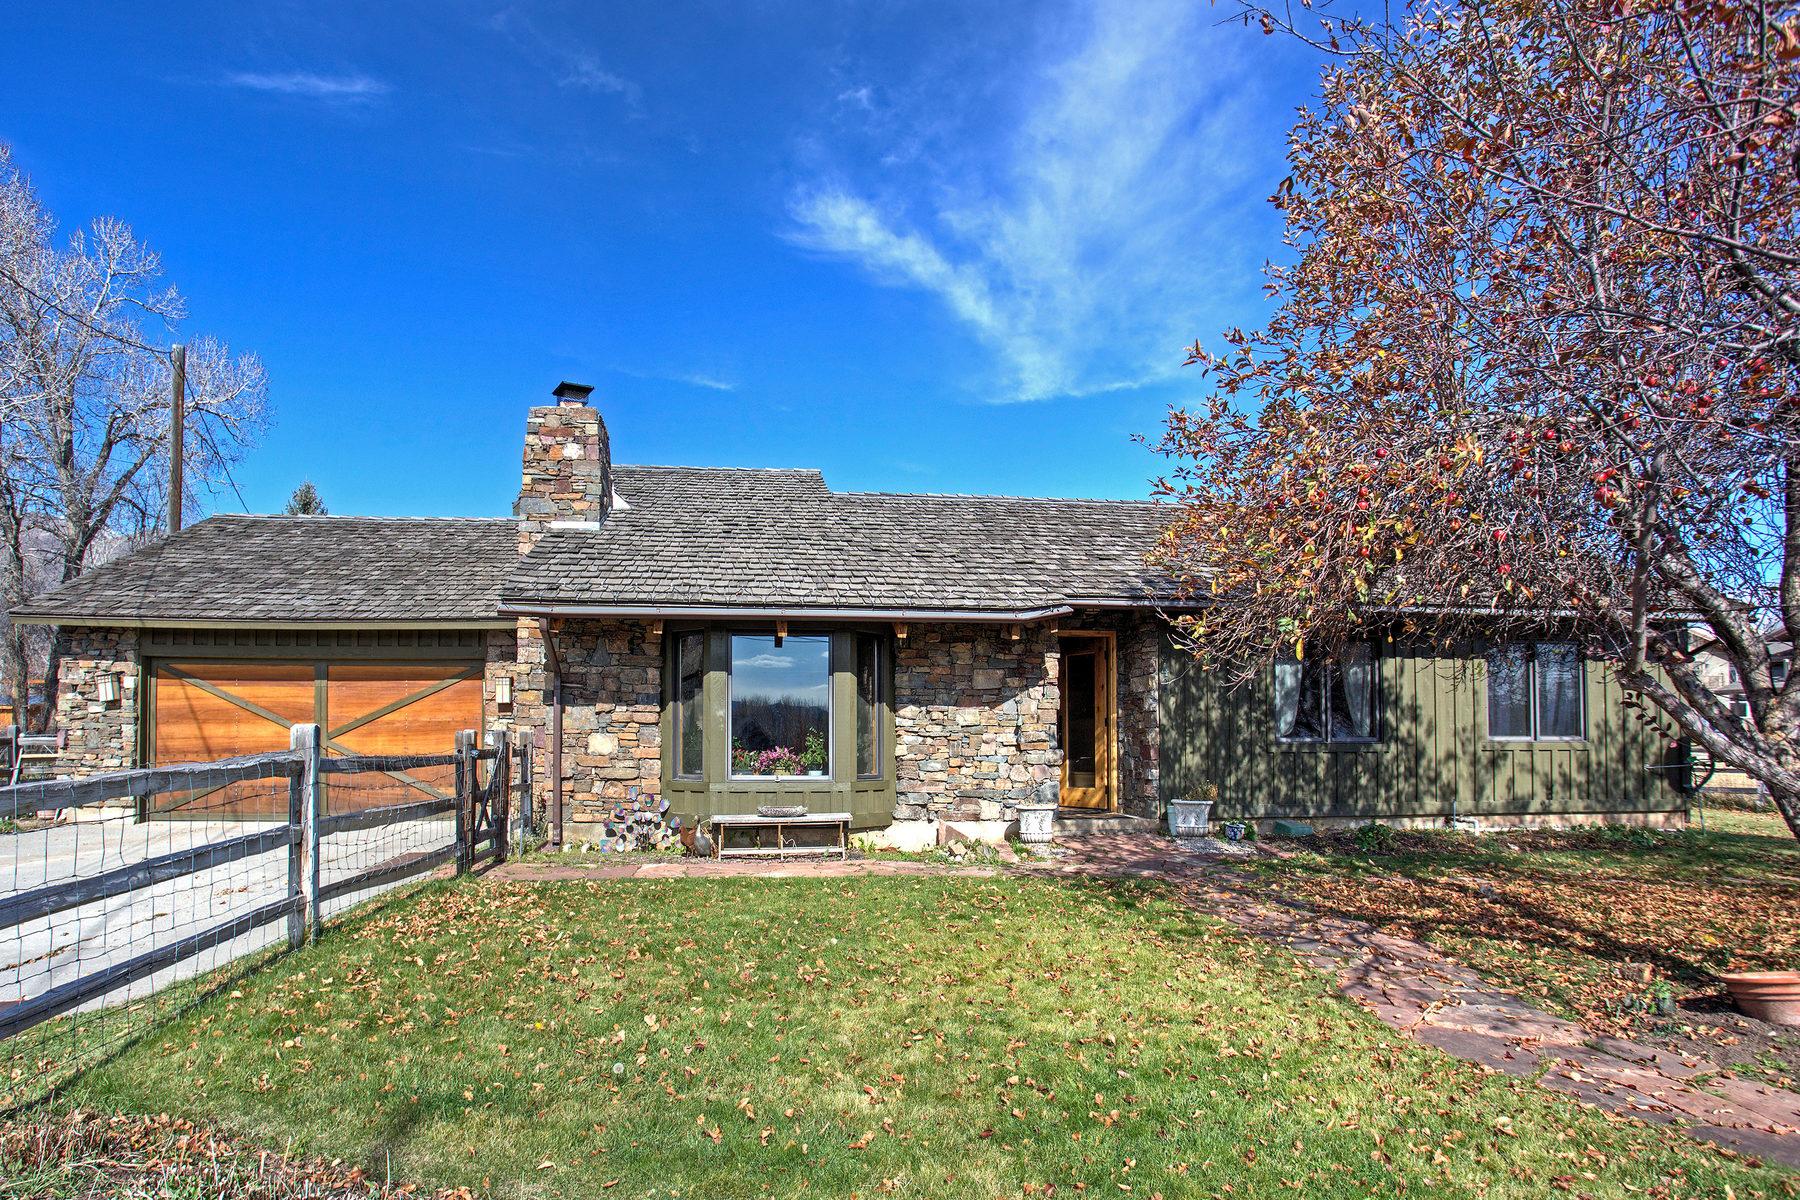 独户住宅 为 销售 在 Charming Midway Home 540 W Cari Ln 米德韦, 犹他州, 84049 美国